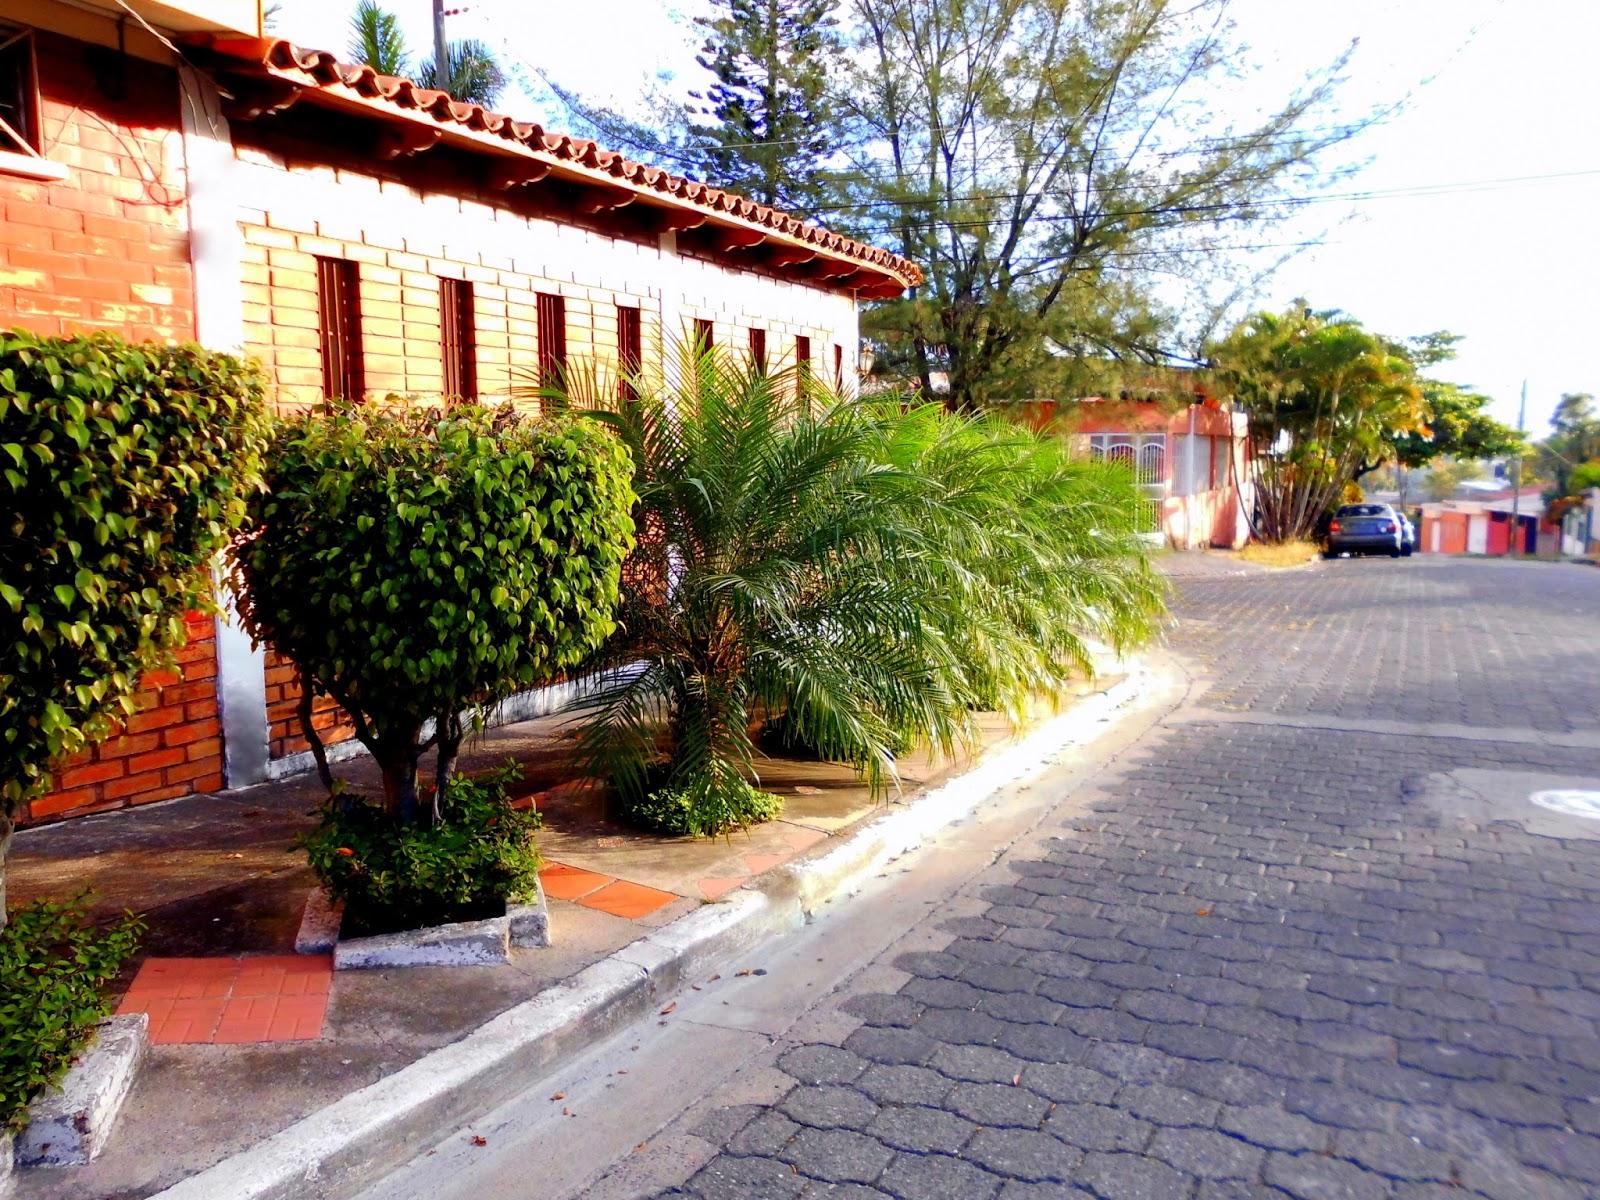 Calle con Palmeras y Ficus